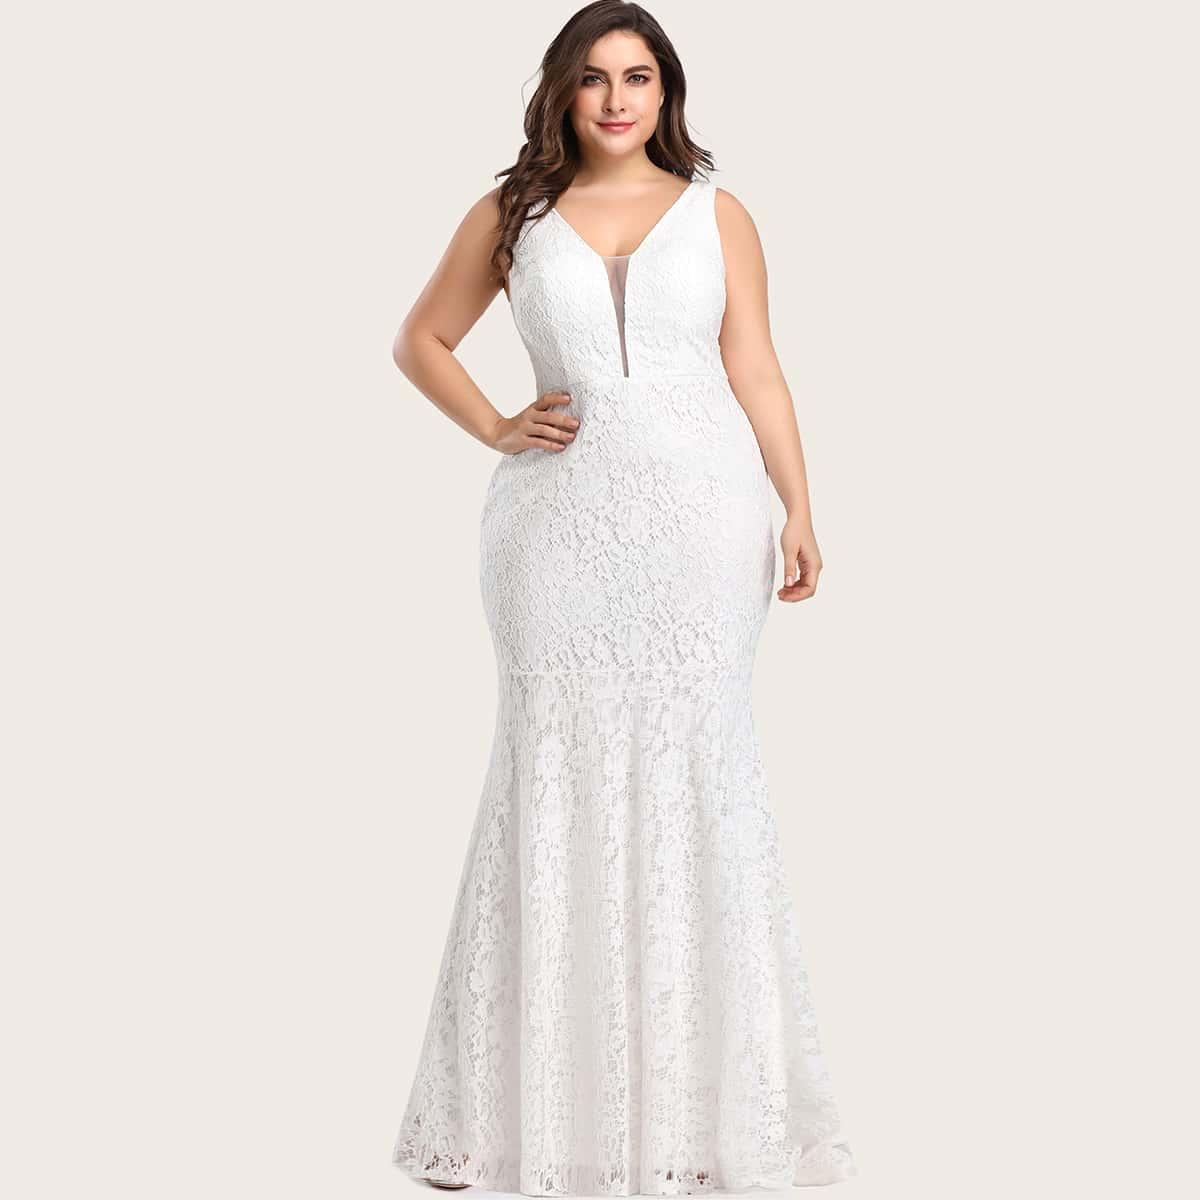 Кружевное платье-русалка размера плюс с сетчатой вставкой